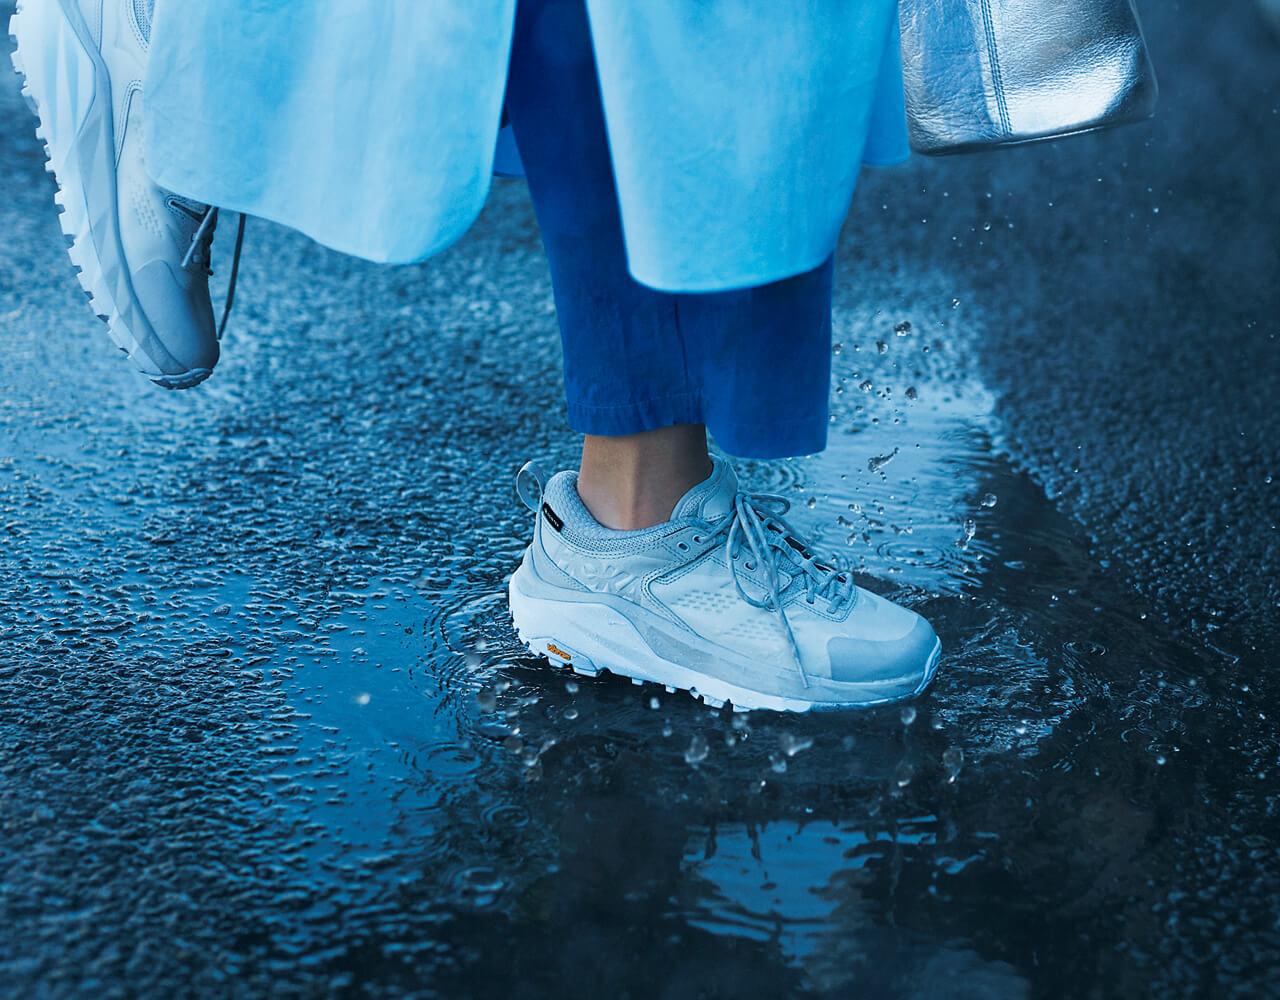 水たまりも気にせず ぐんぐん進んで! 靴¥31900/デッカーズジャパン(ホカ オネオネ)